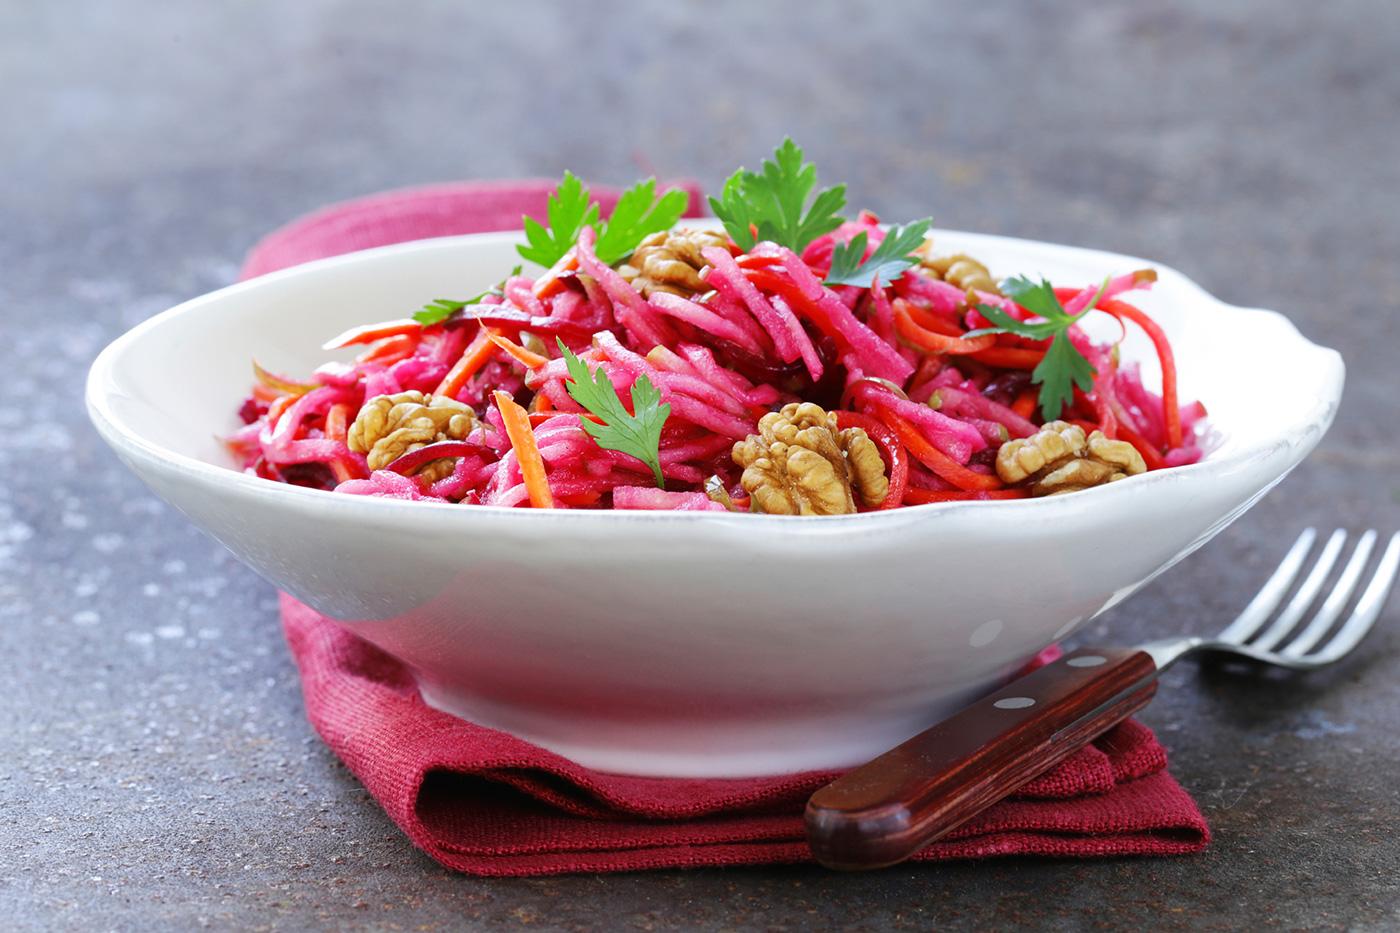 Weiße Schale mit Rote-Rüben-Apfel-Salat.